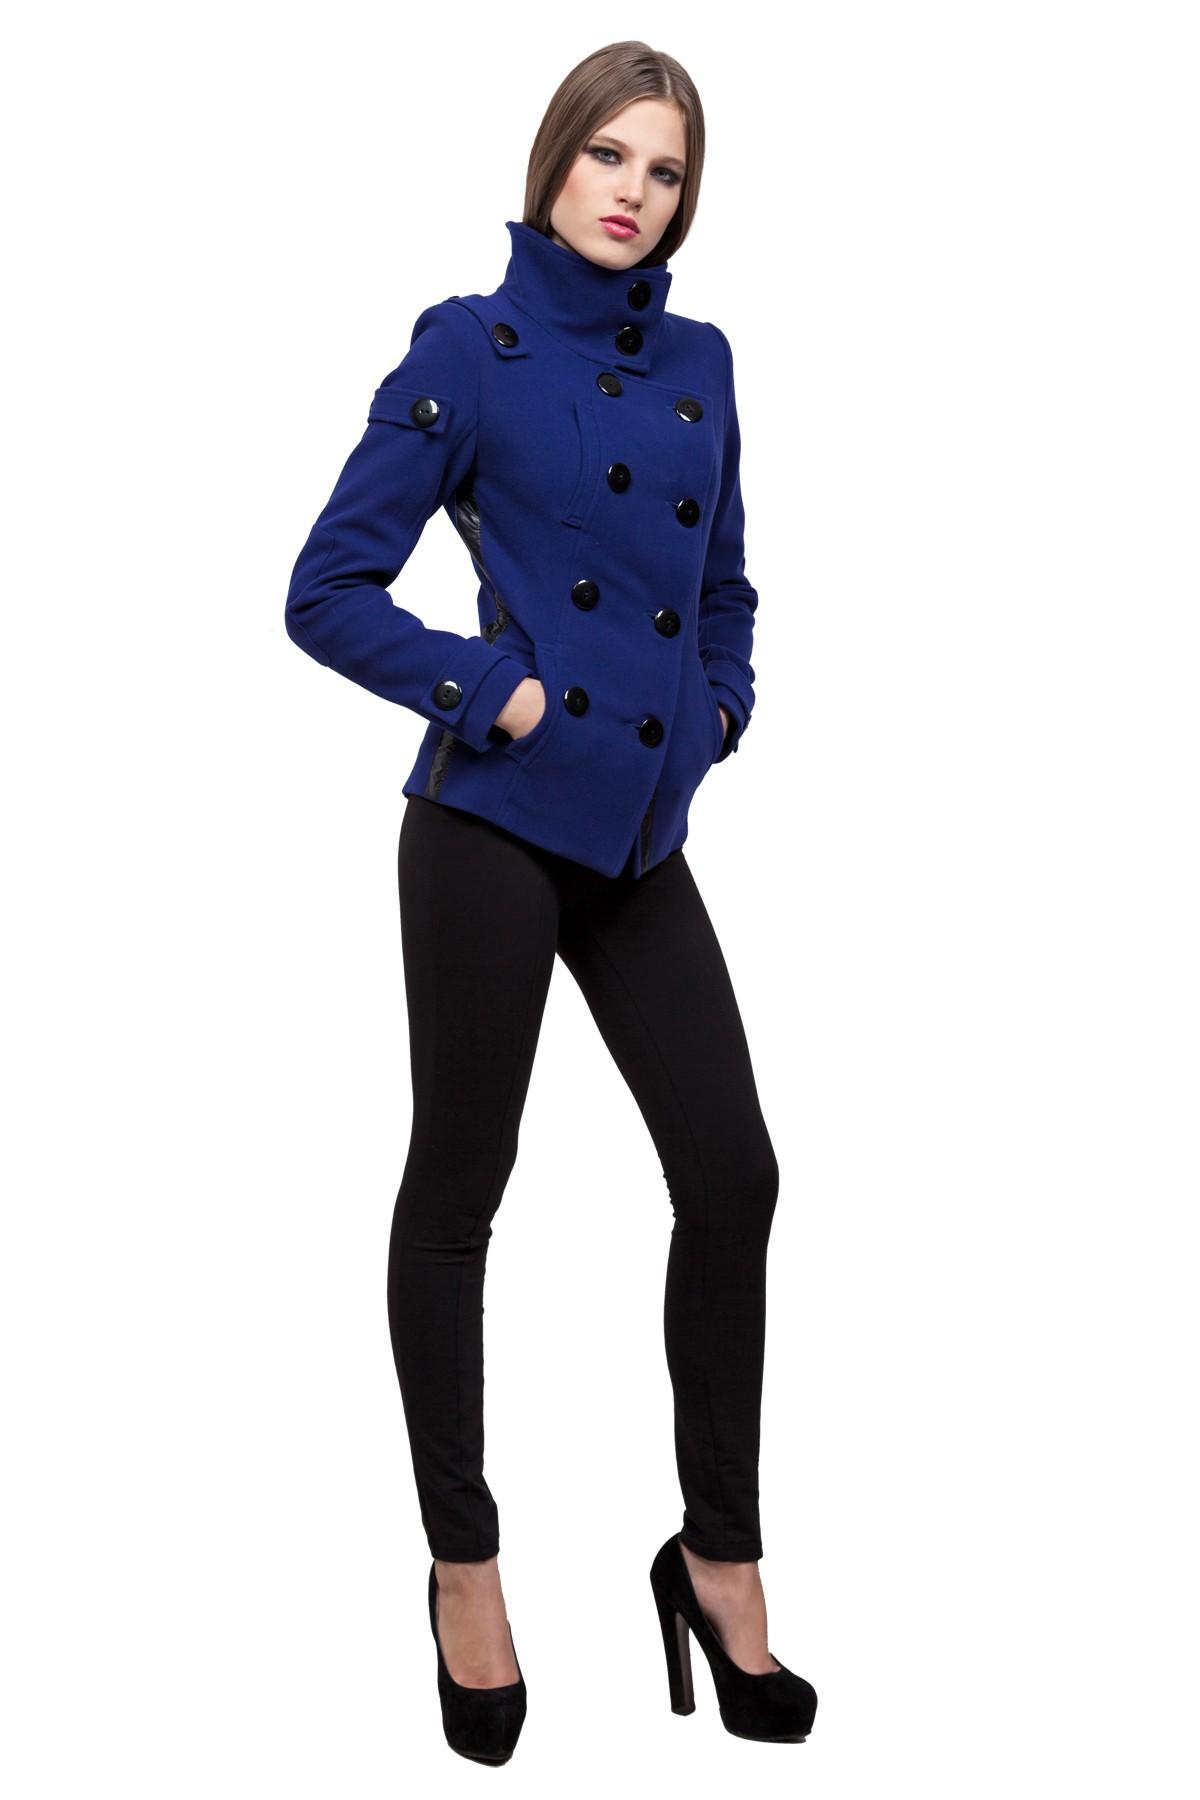 ПальтоЖенские куртки, плащи, пальто<br>Классическое пальто в современном исполнении. Двубортная застежка придает модели строгий вид, а косые линии кроя - уникальность и эксклюзивность. Изделие подчеркнет Ваш неповторимый вкус.<br><br>Цвет: синий<br>Состав: ткань - 64%полиэстер, 31% вискоза, 5% лайкра, утеплитель - 100%полиэстер, подкладка - 100%полиэстер<br>Размер: 40,42,44,46,48,50,52,54,56<br>Страна дизайна: Россия<br>Страна производства: Россия